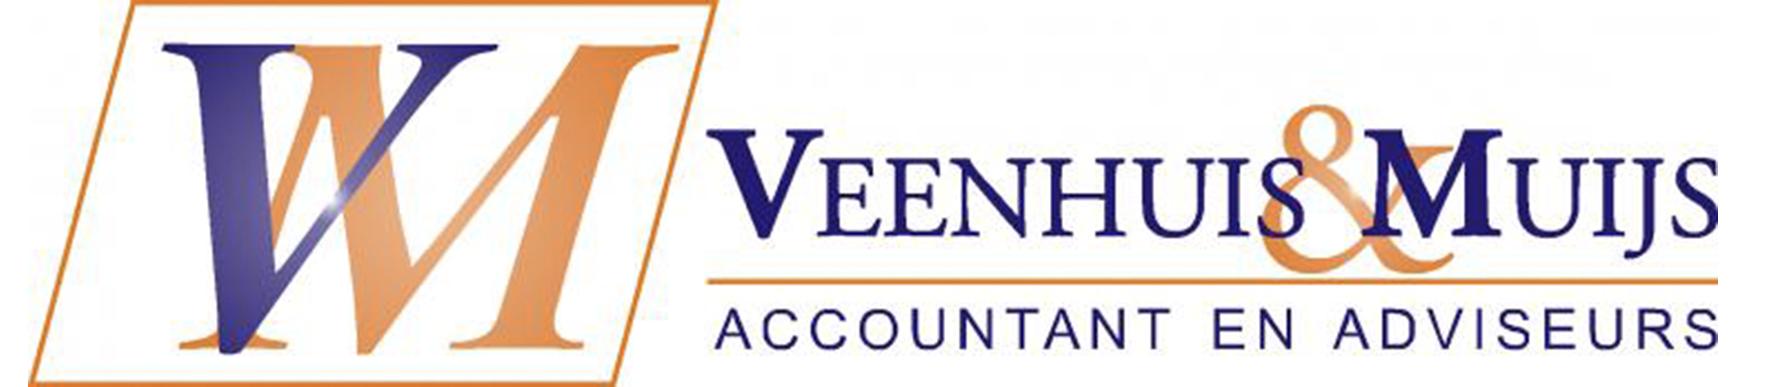 Veenhuis en Muijs Accountant en Adviseurs